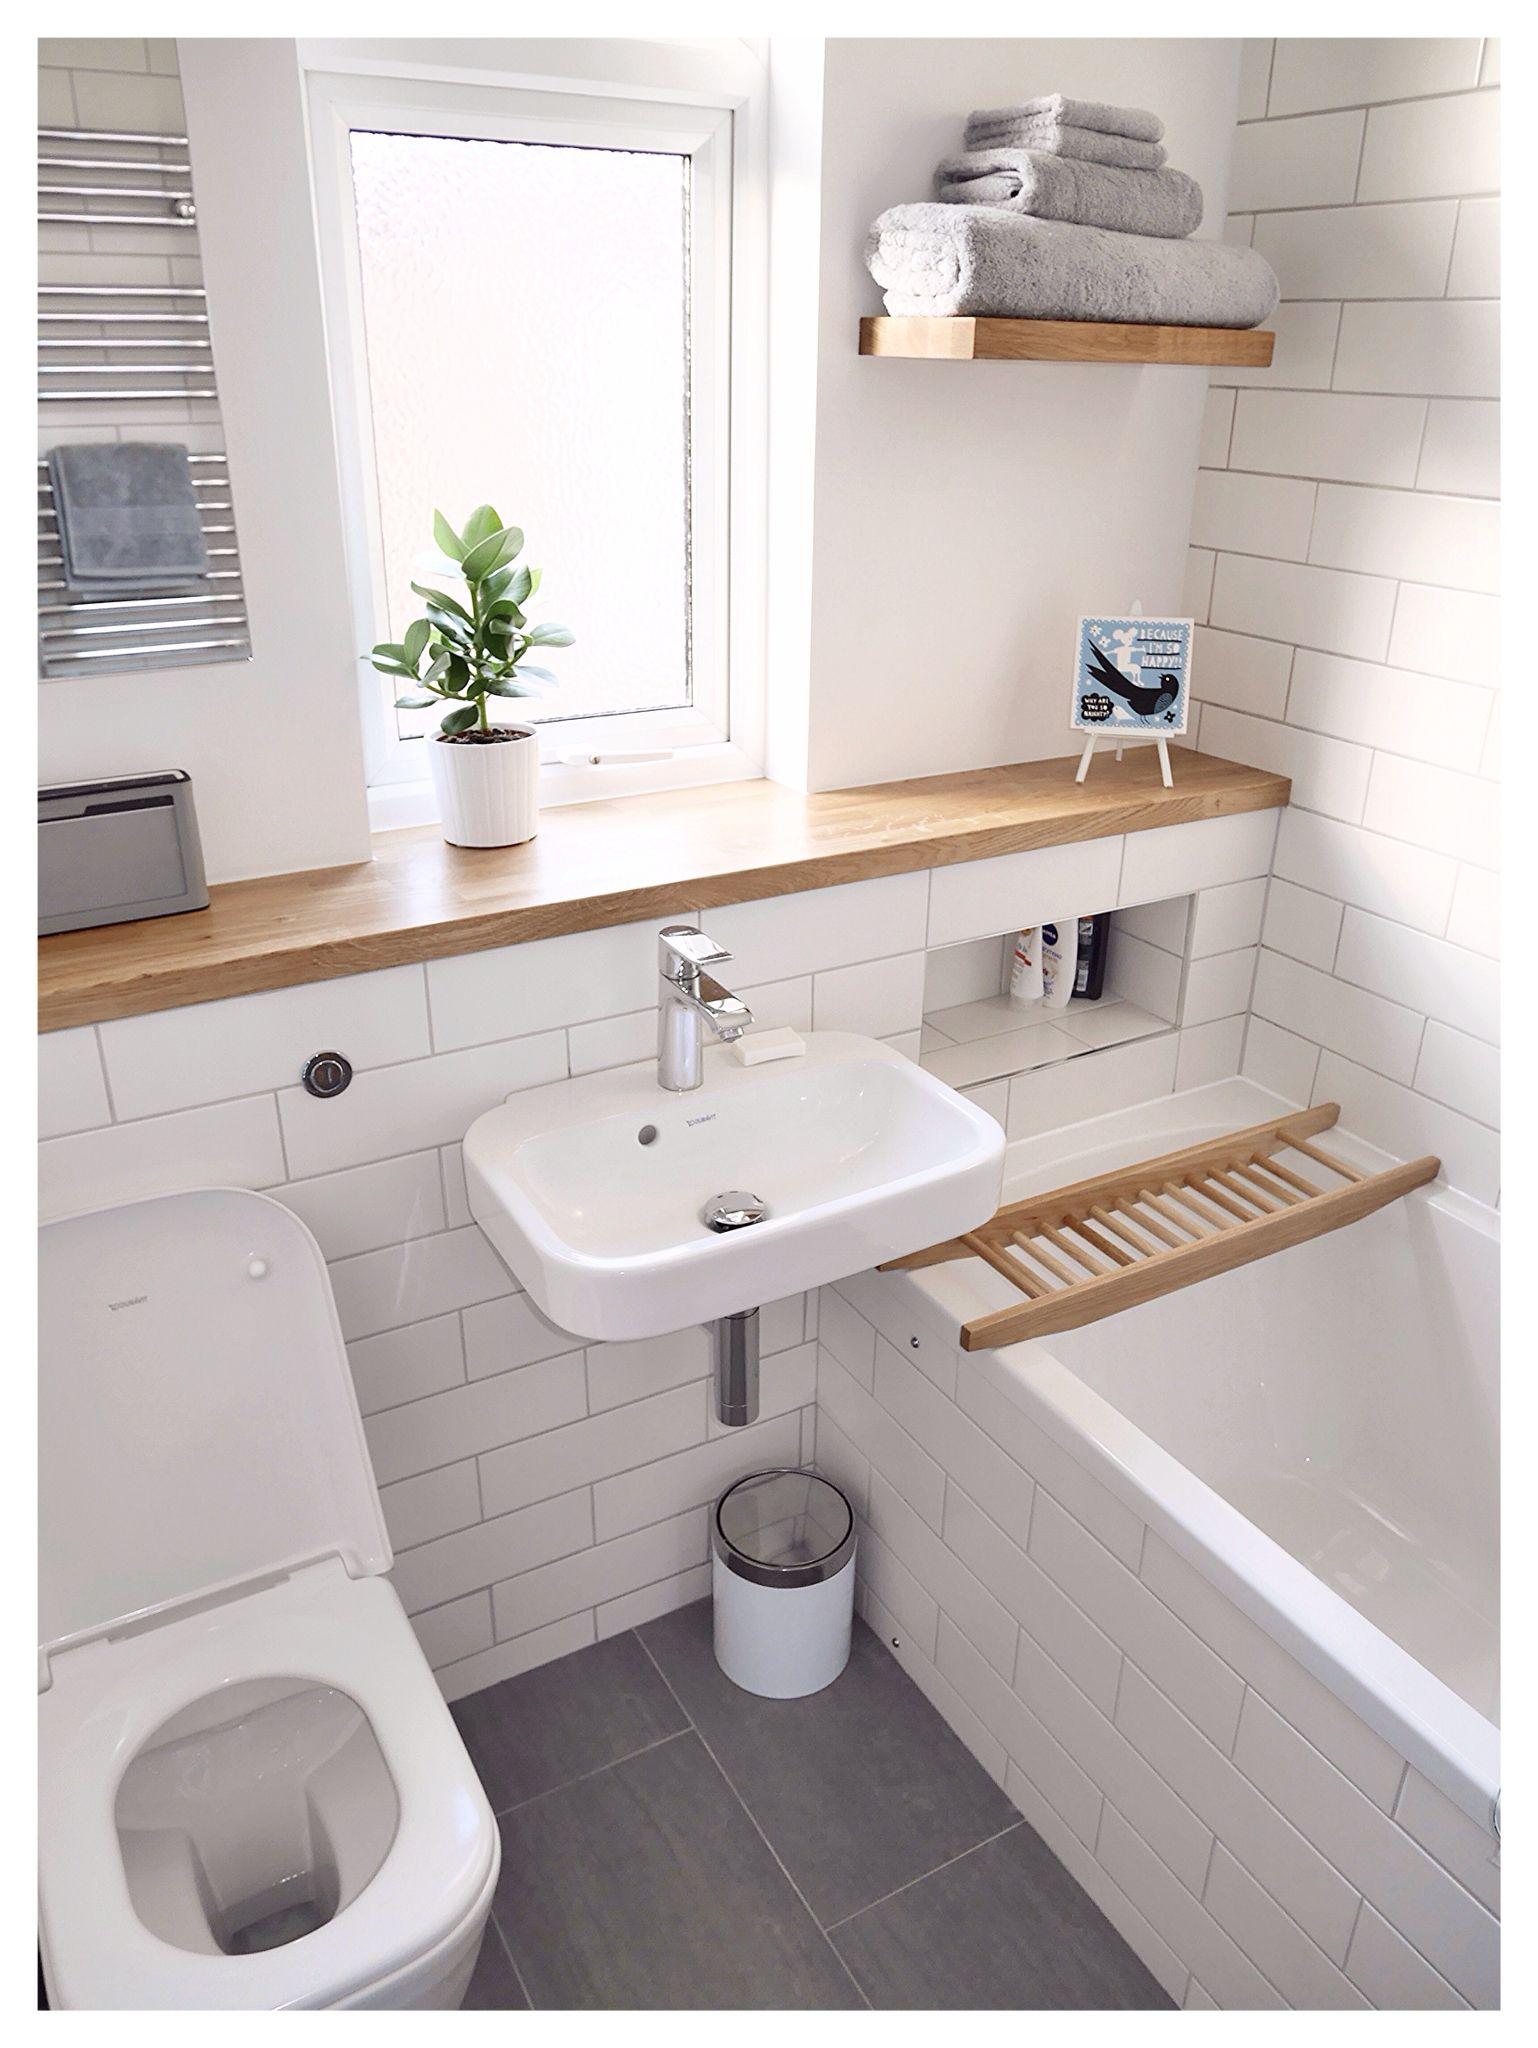 tres petite salle de bain baignoire amenagement